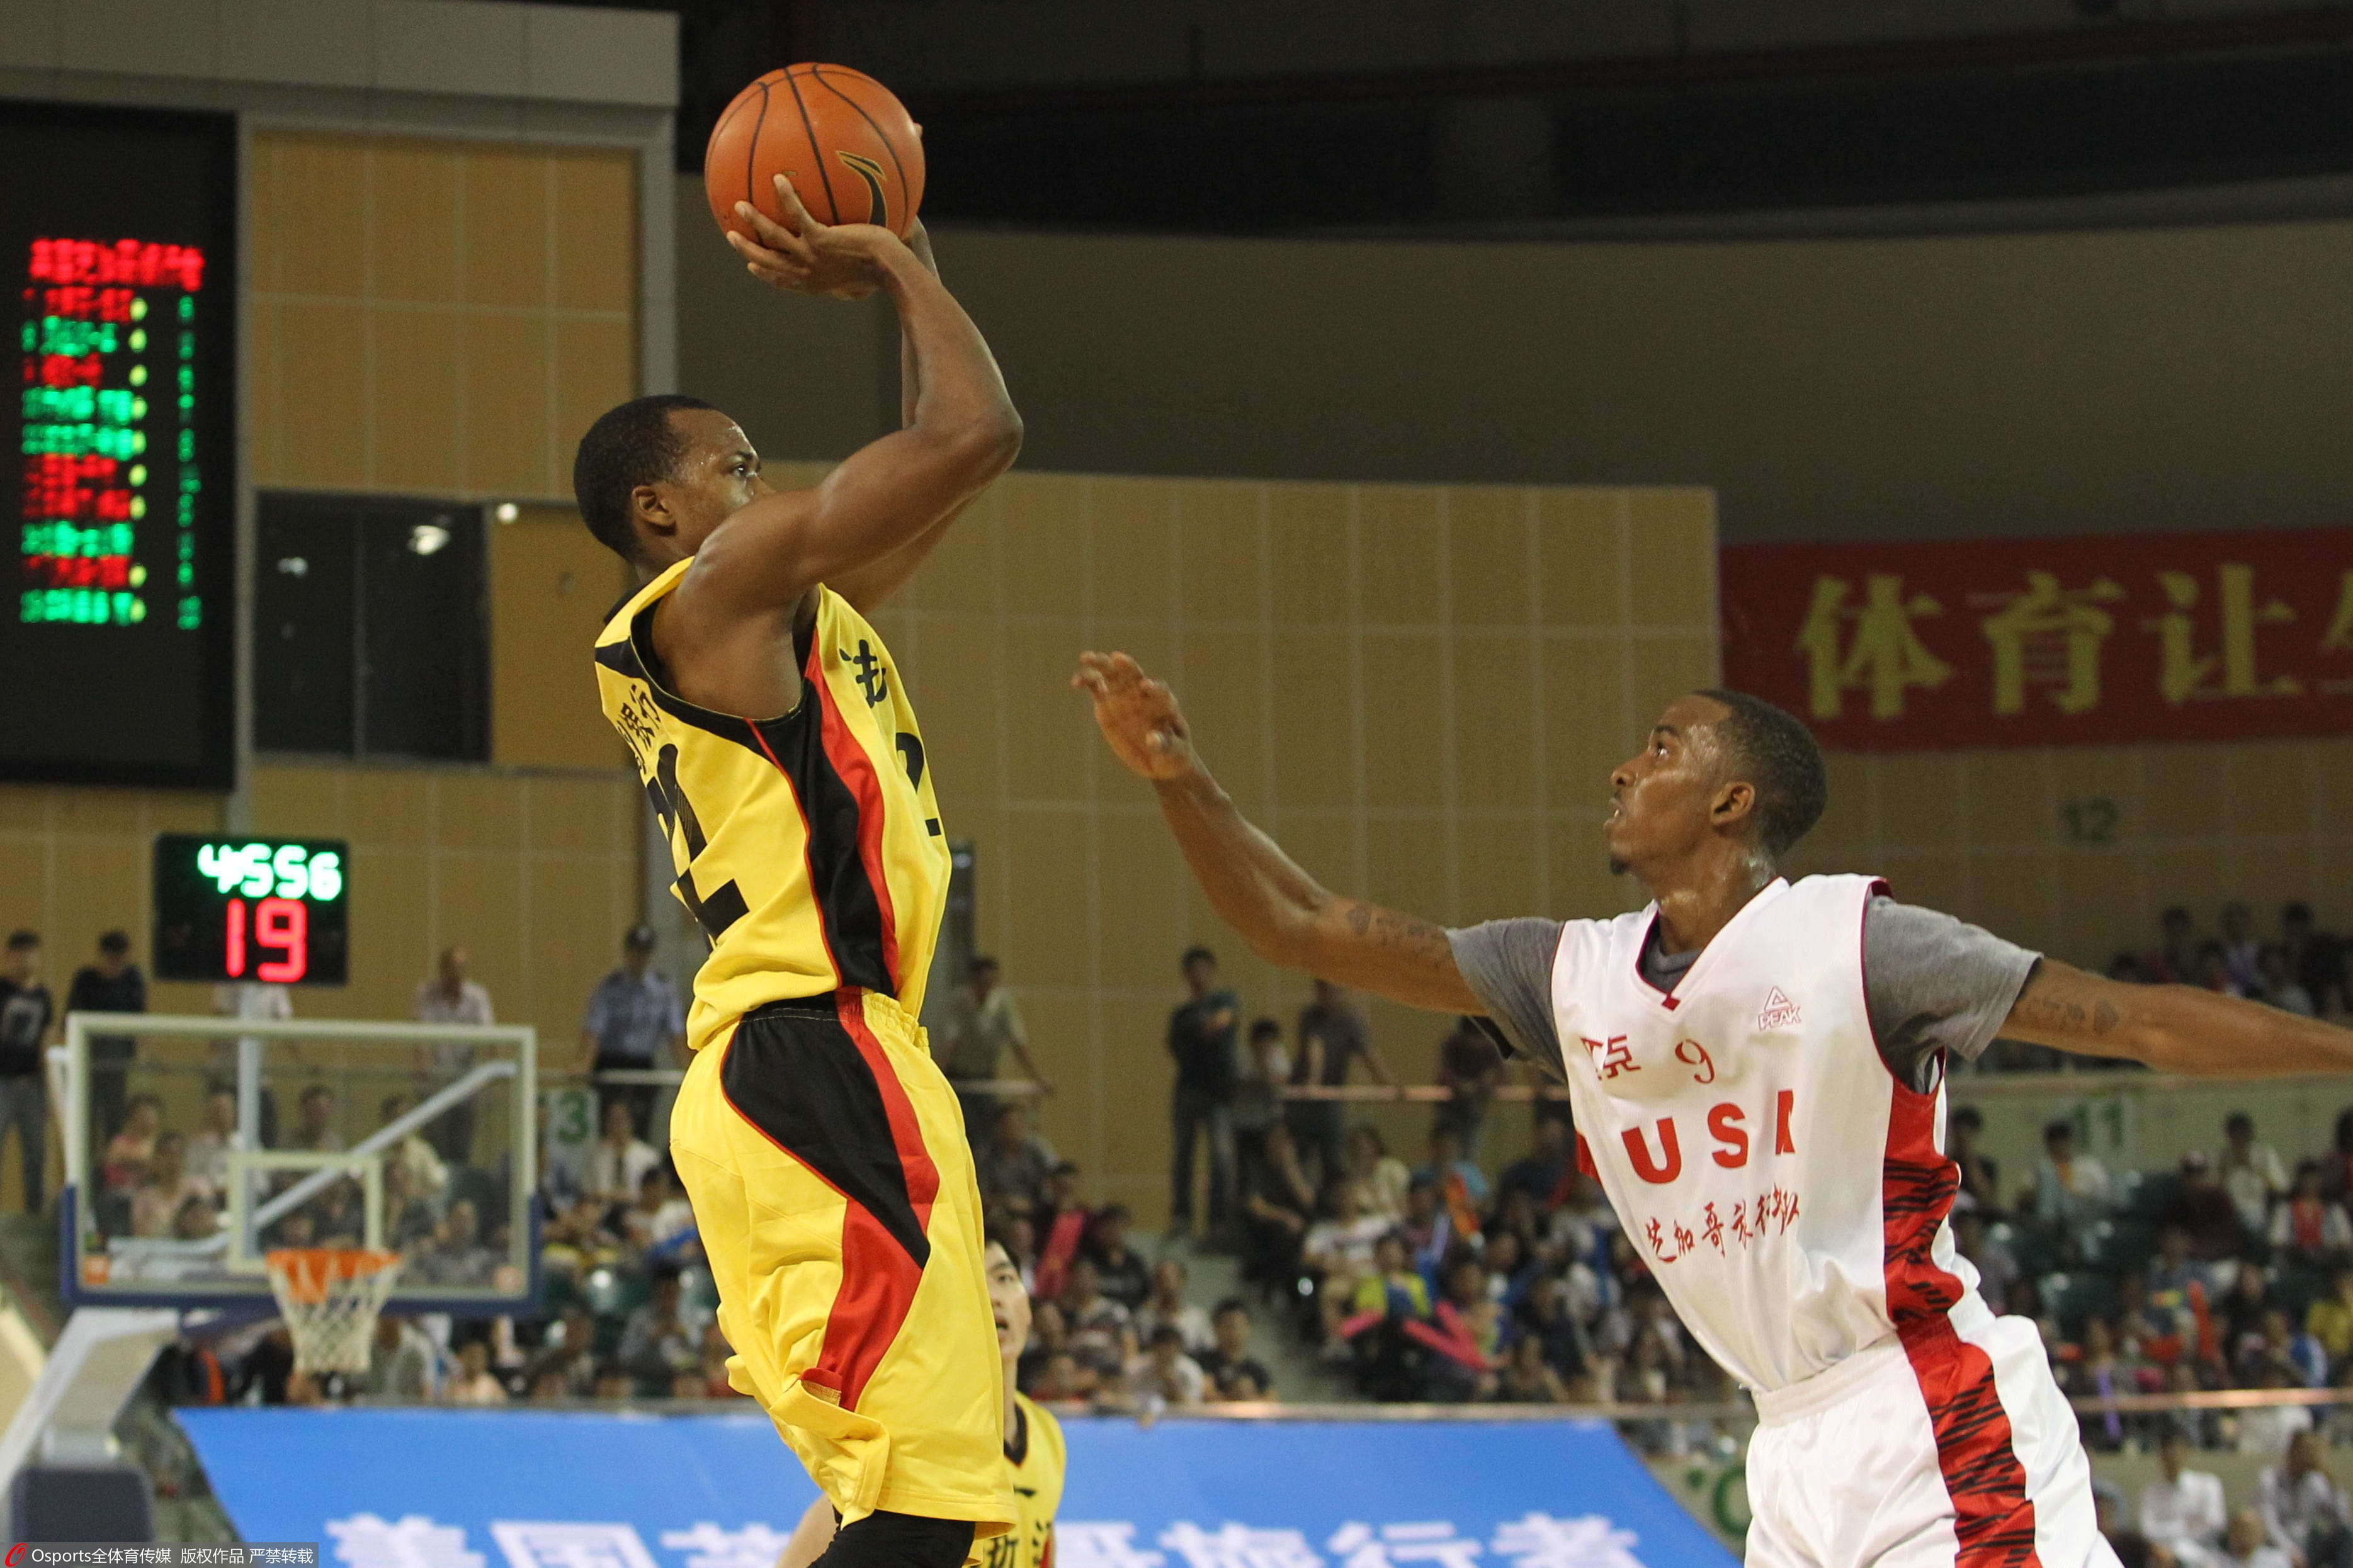 媒体回顾中国篮球职业化23年 姚明把改革拉回正轨